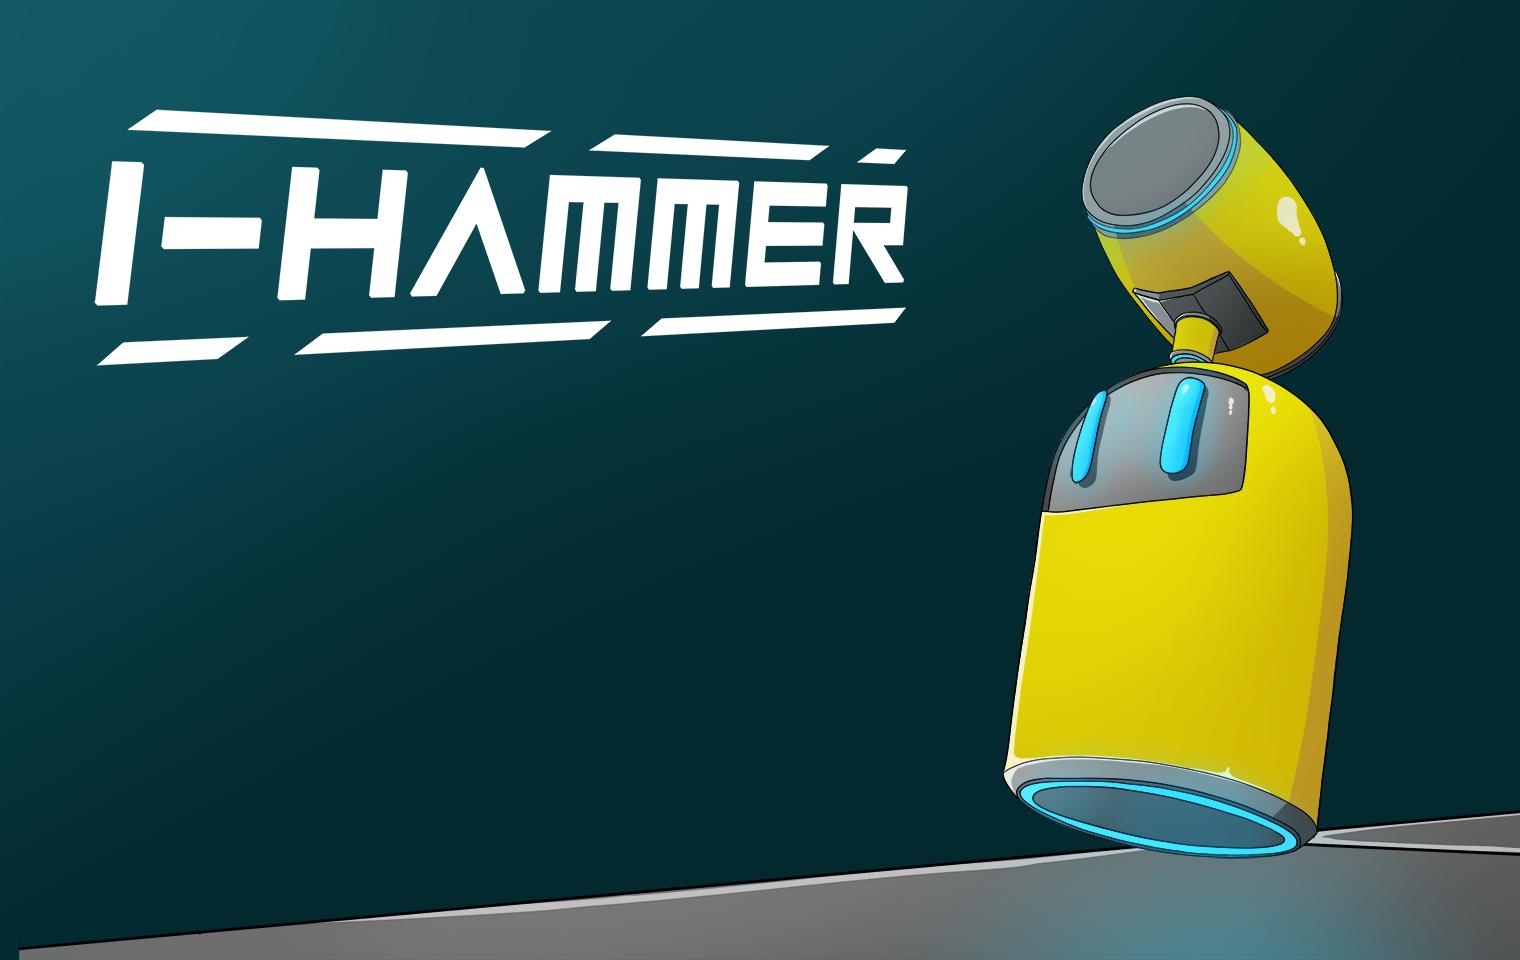 I-HAMMER